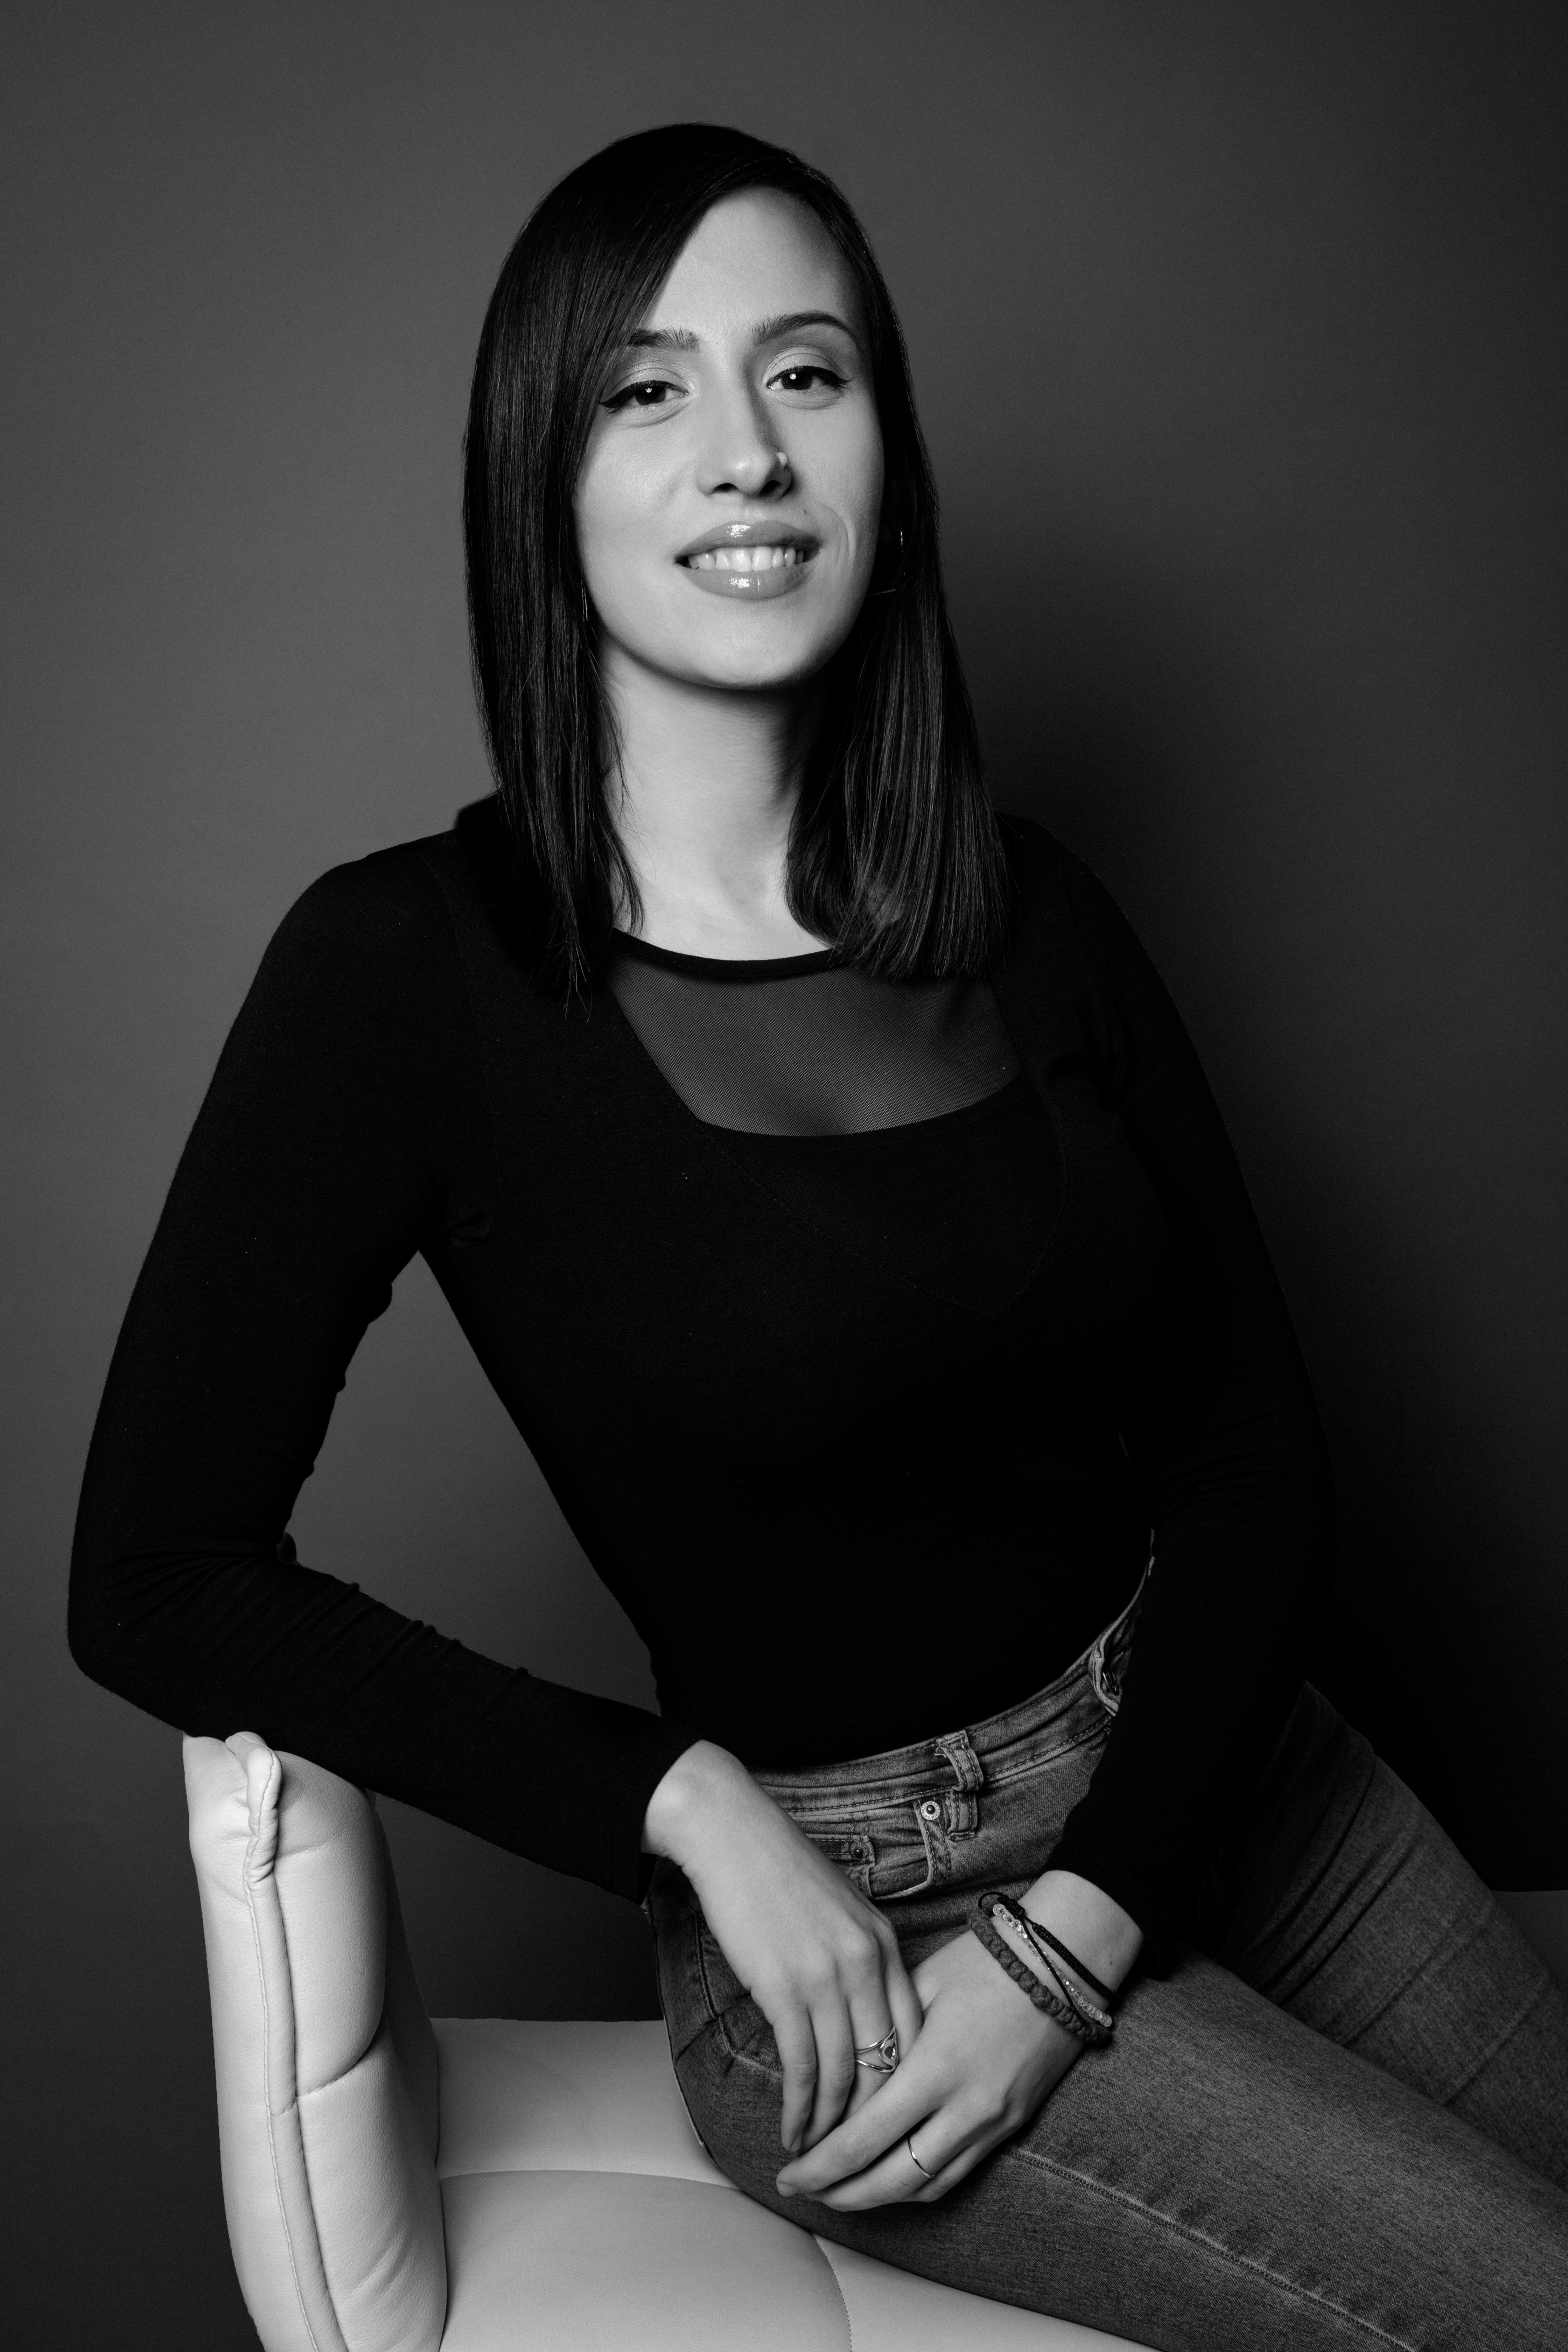 Jelena Manojlović